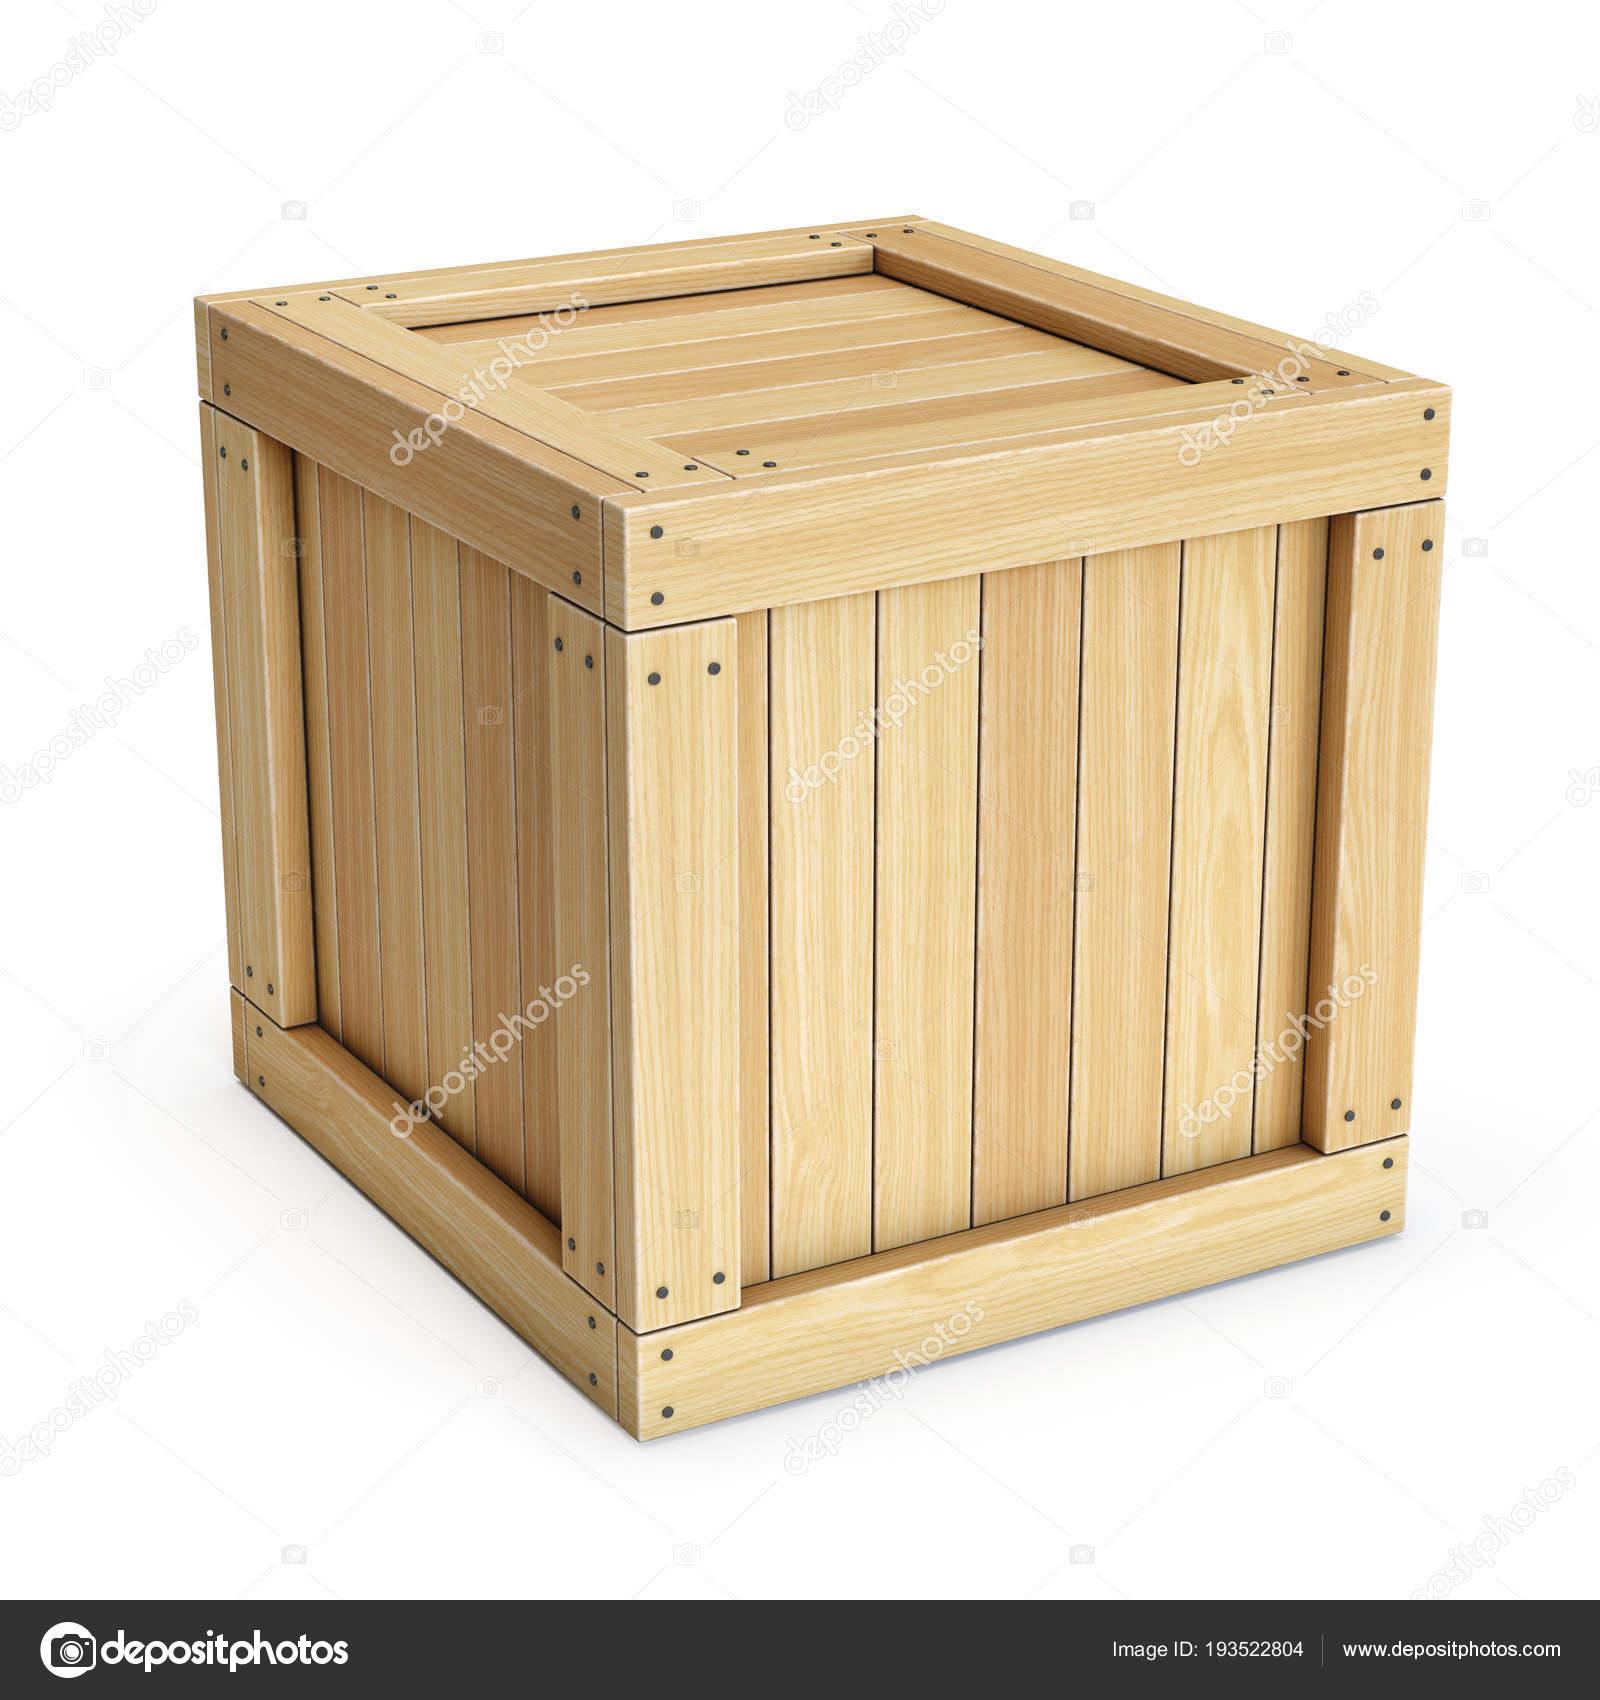 caisse bois coffre isolé sur fond blanc rendu — photographie koya979